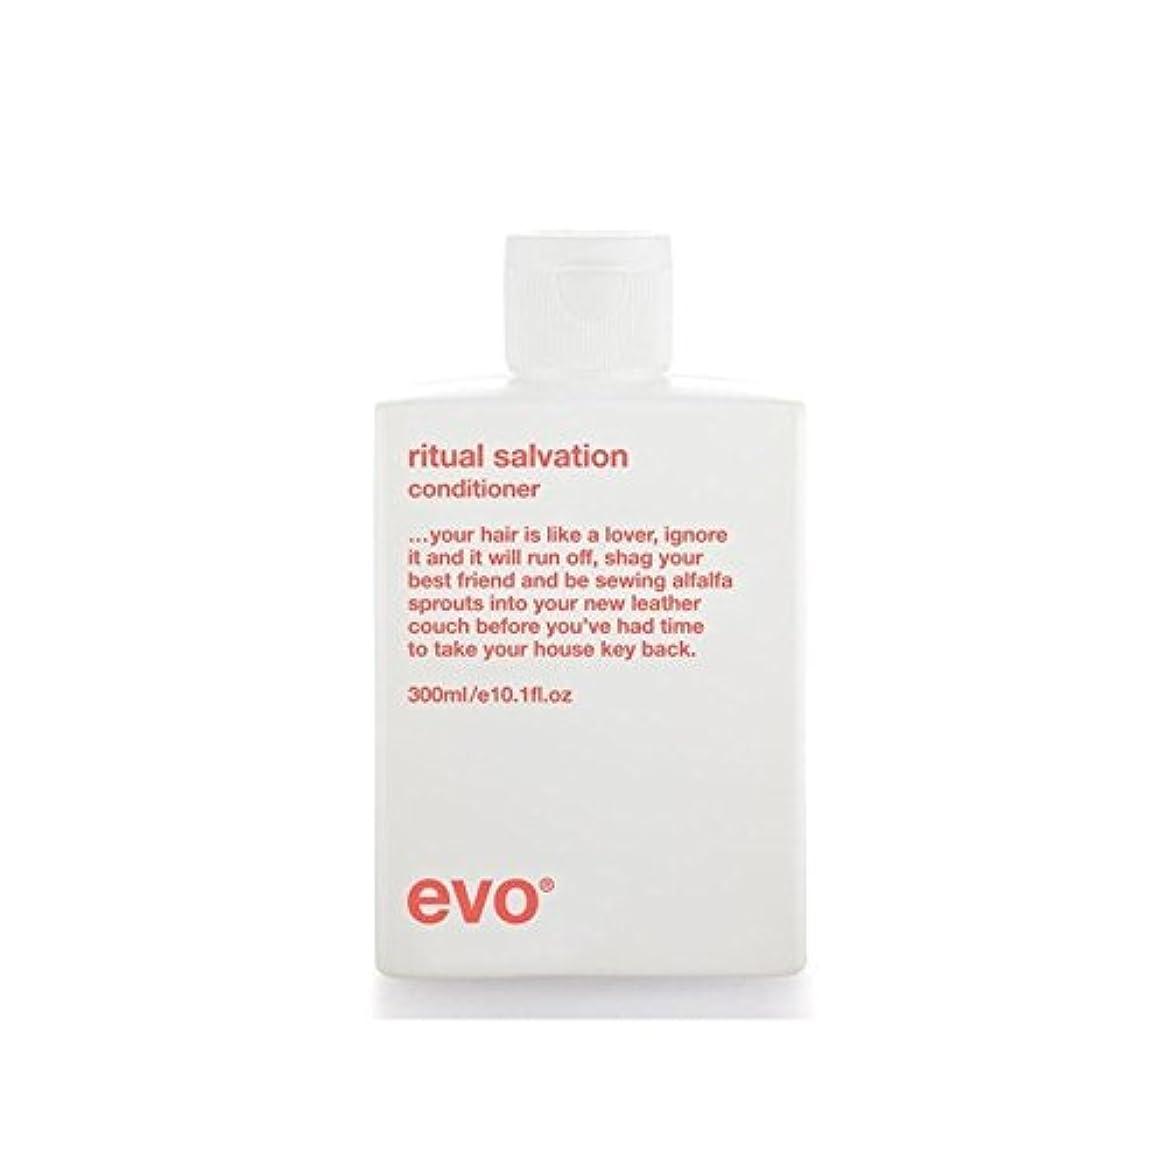 疾患しわ高い儀式救いコンディショナー(300ミリリットル) x2 - Evo Ritual Salvation Conditioner (300ml) (Pack of 2) [並行輸入品]